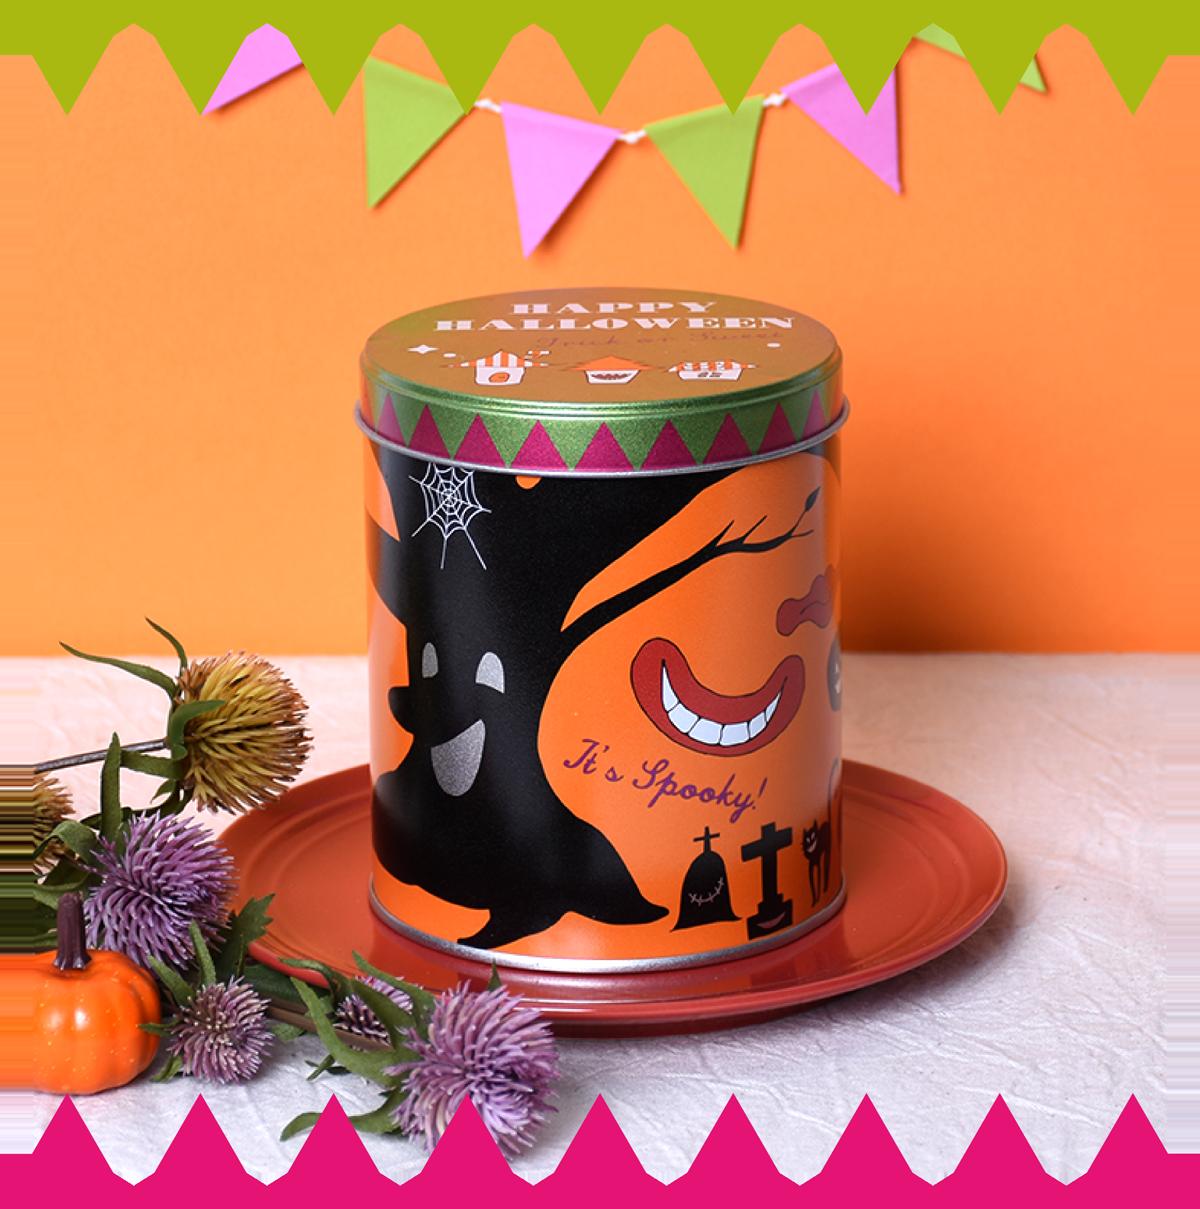 ハロウィン スマイル缶 お菓子缶 お菓子のミカタ